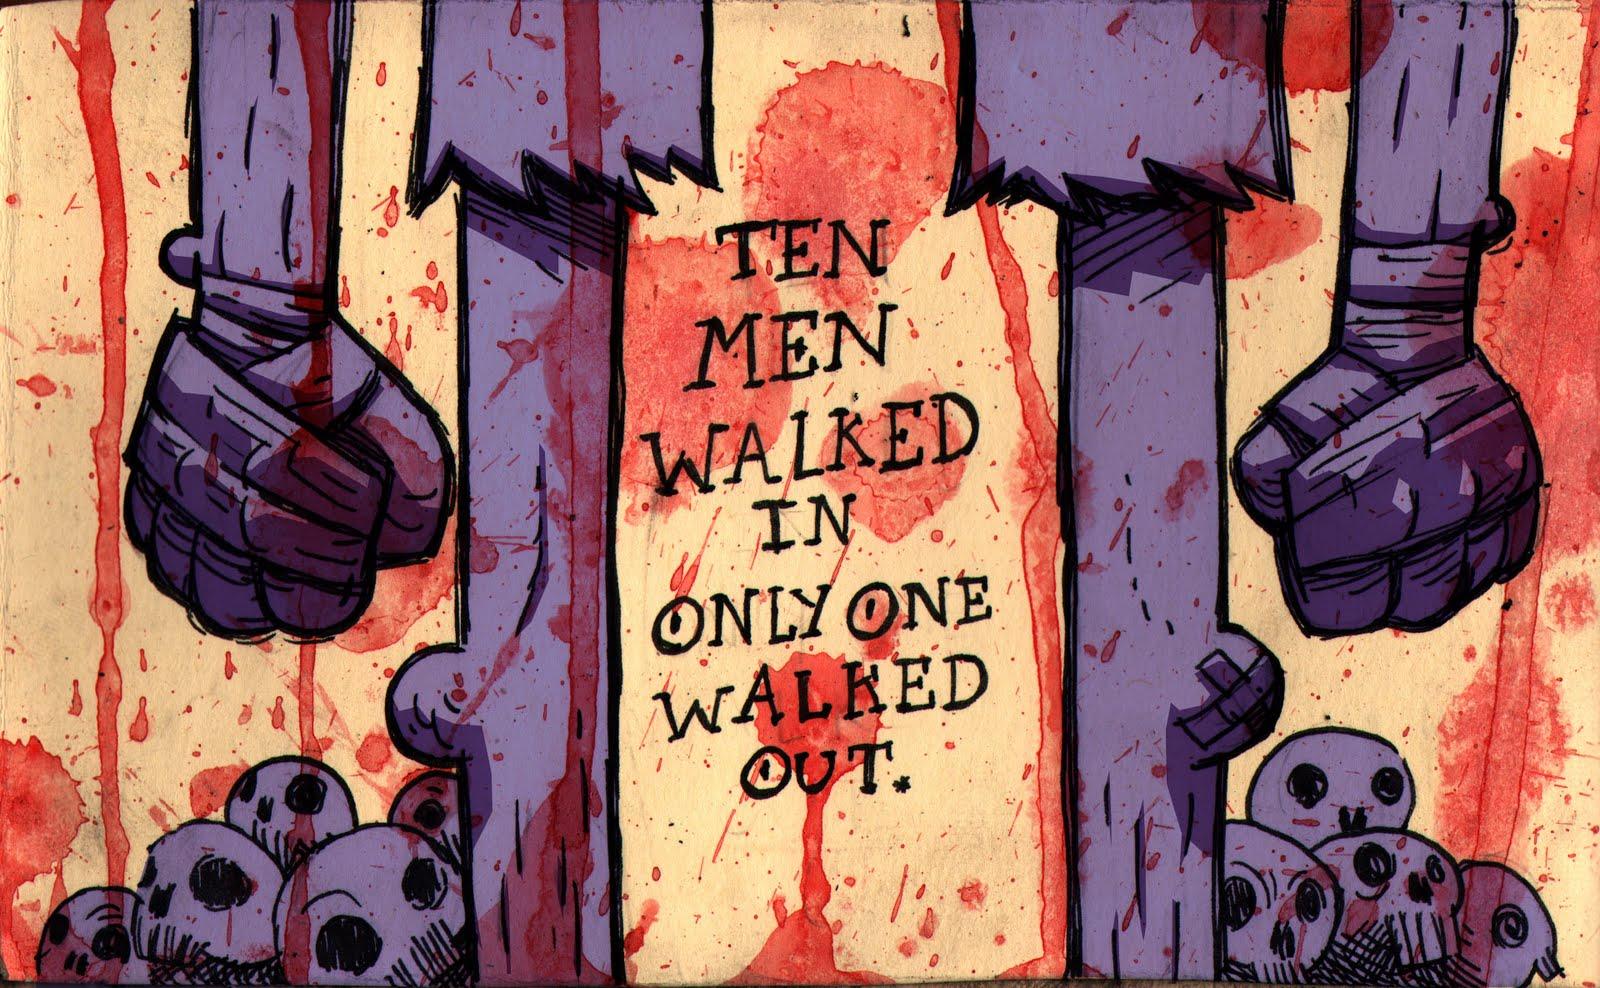 Ten men